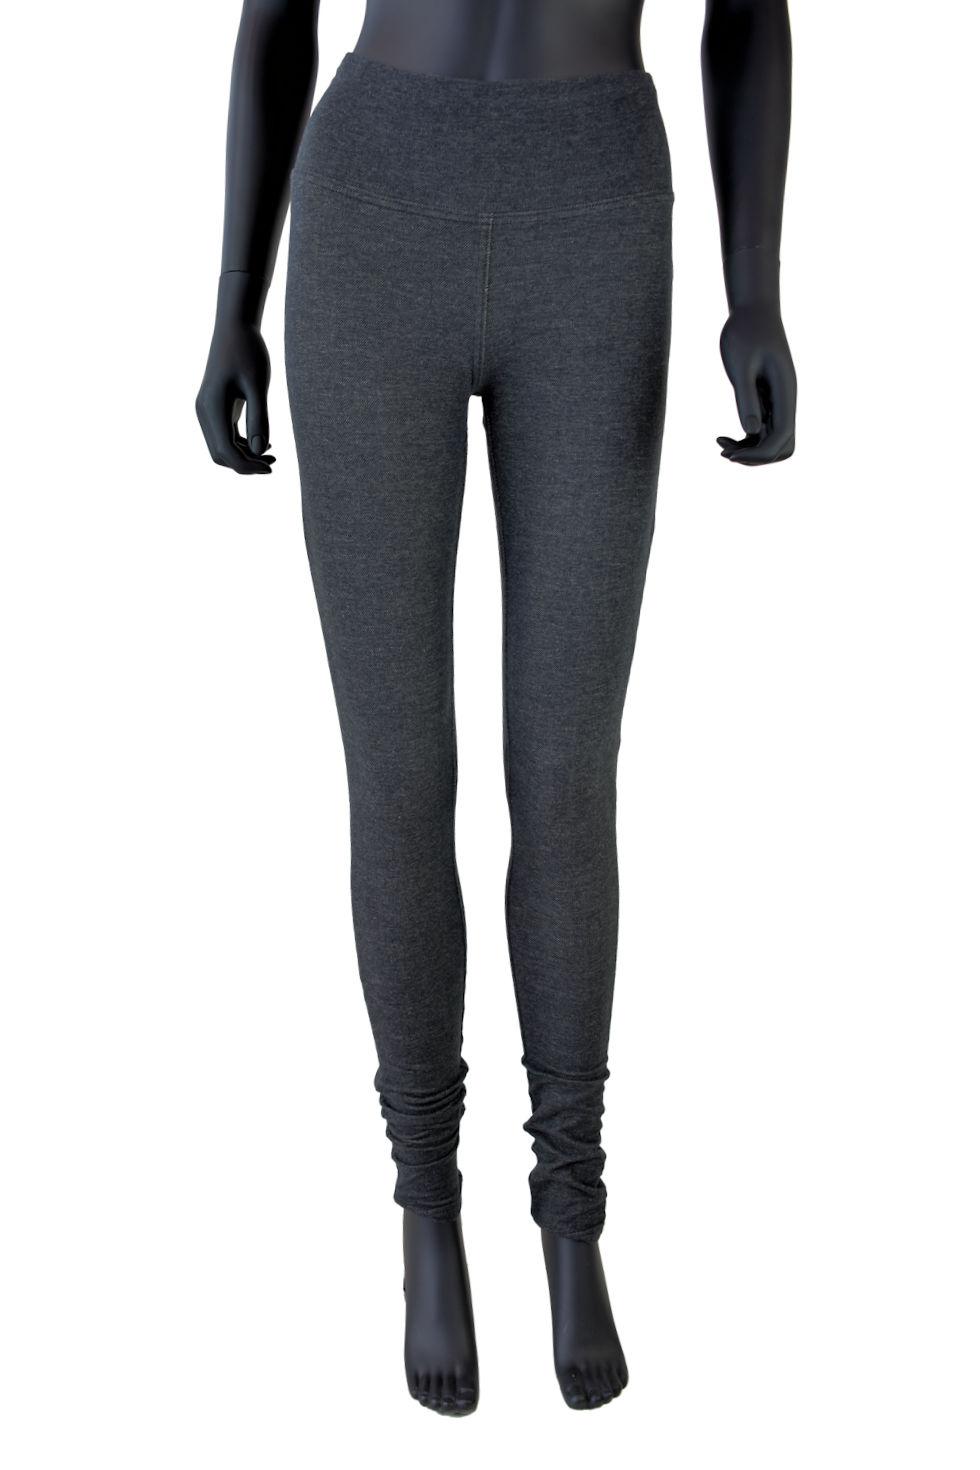 Jegging (legging avec tissu à l'apparence jeans) gris granit à taille haute. Création Québécois signée Collection Space